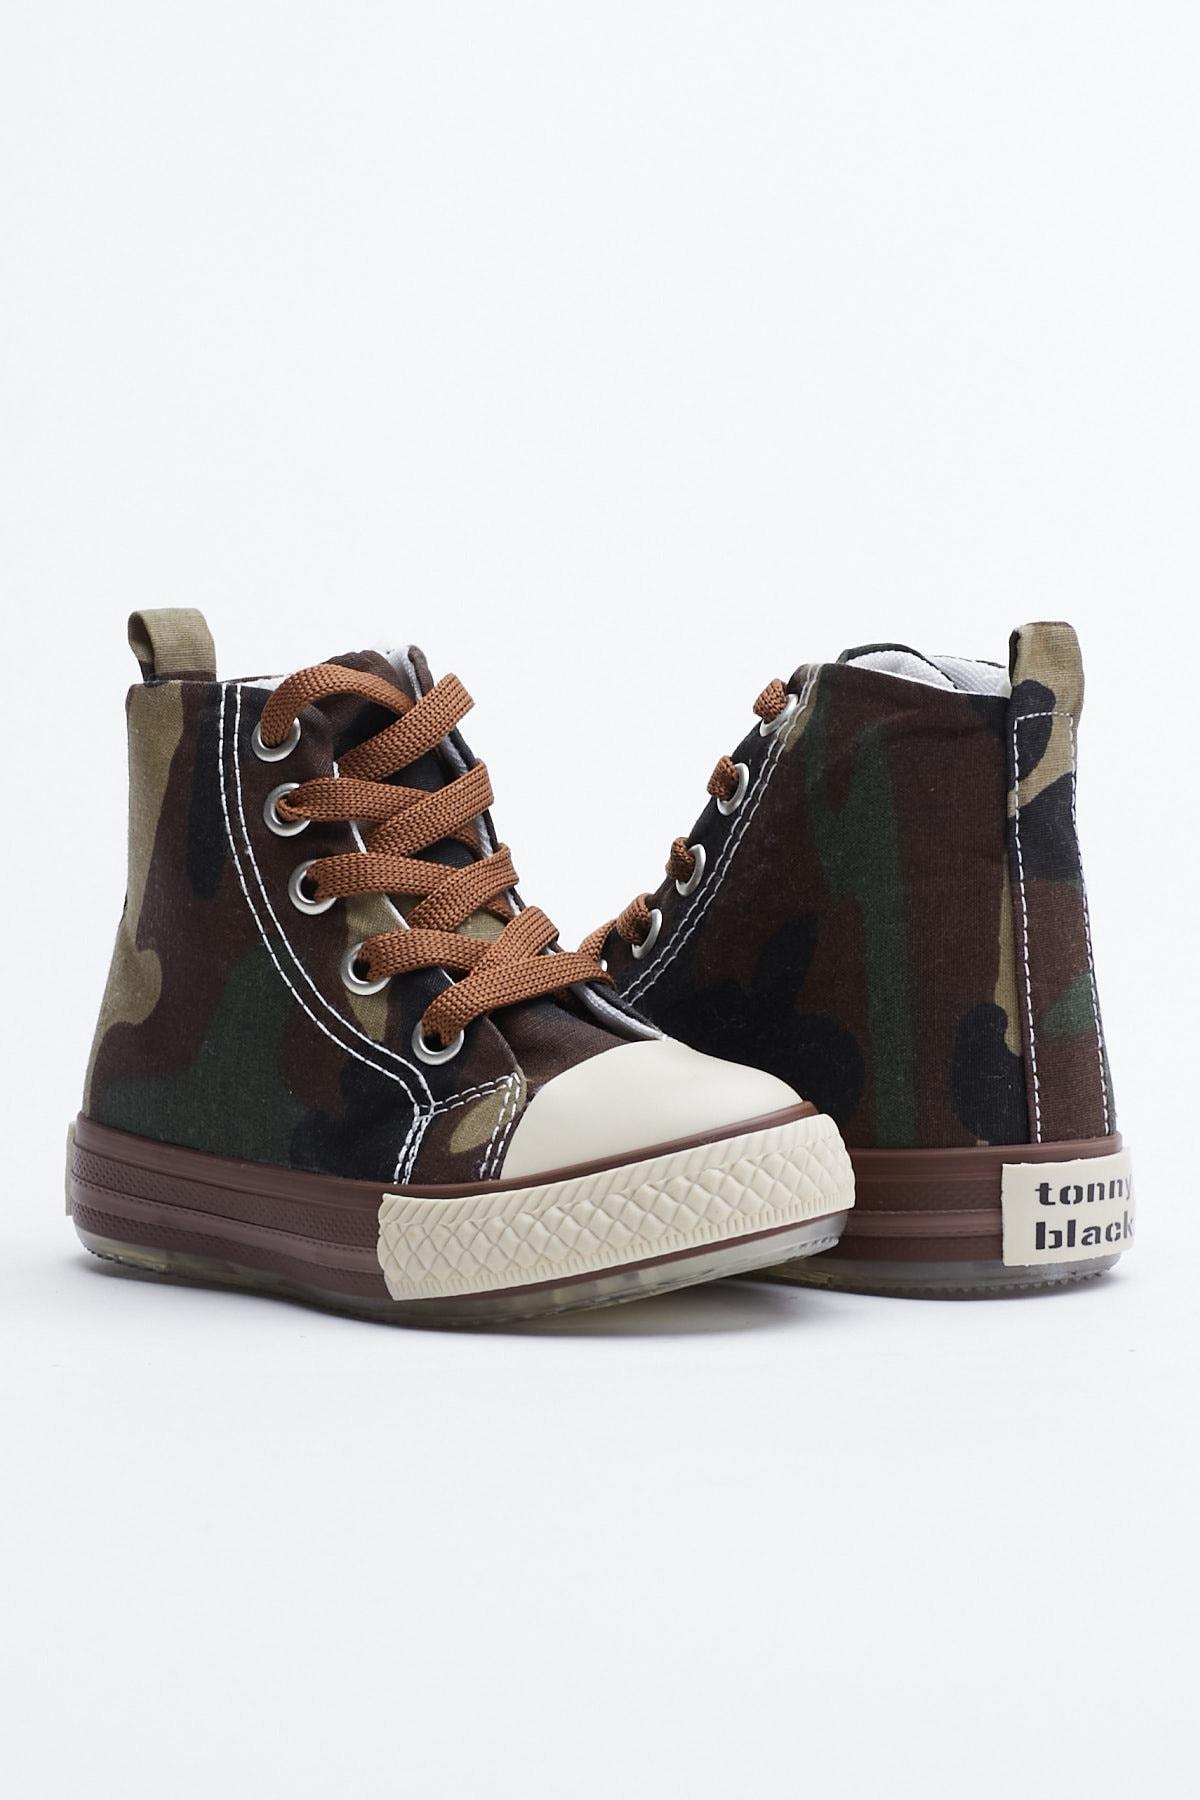 Tonny Black Haki Kamuflaj Çocuk Spor Ayakkabı Uzun Tb999 1